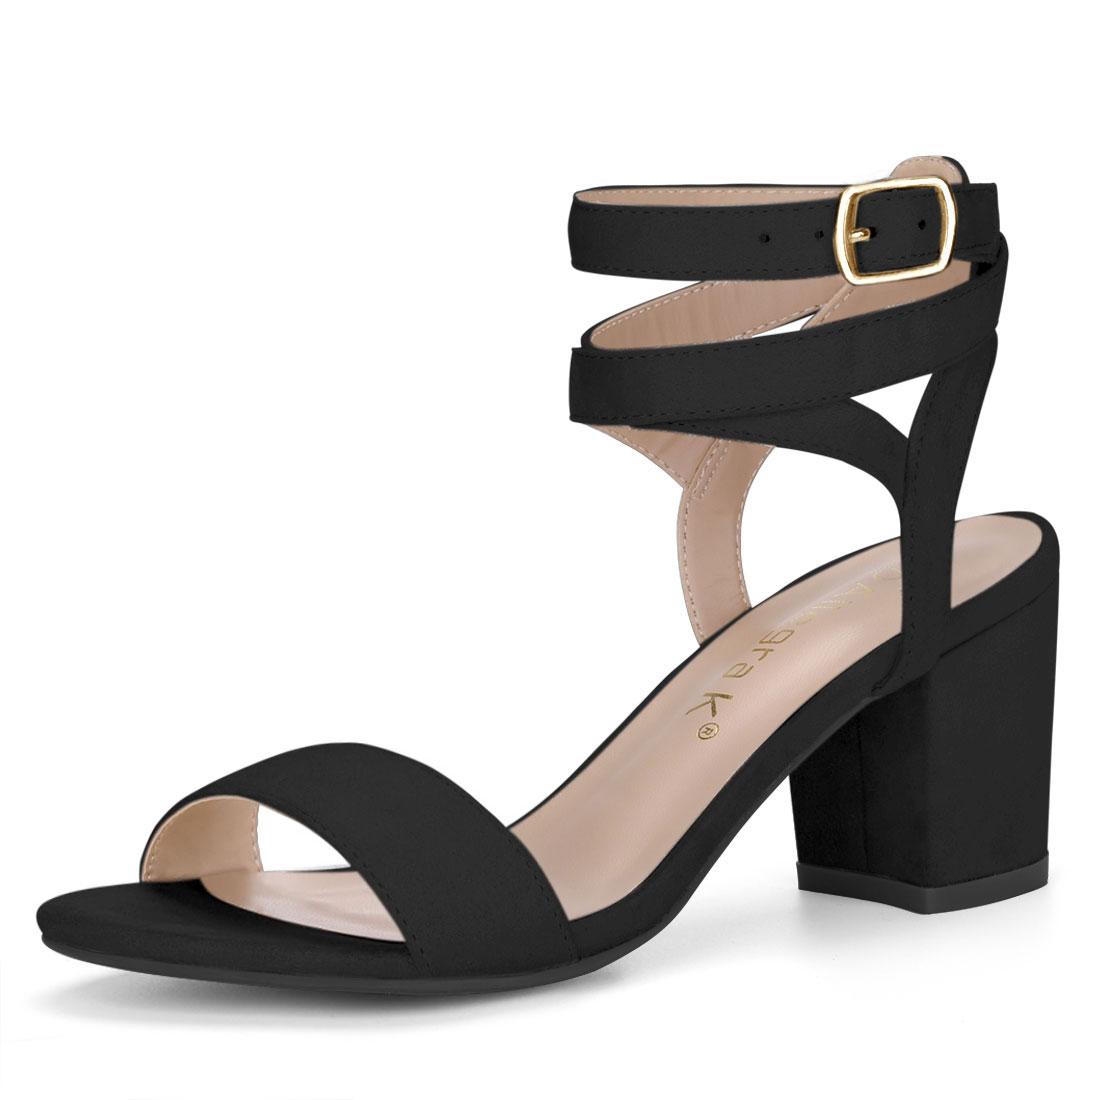 Allegra K Women's Block Heels Double Ankle Straps Sandals BlackUS 7